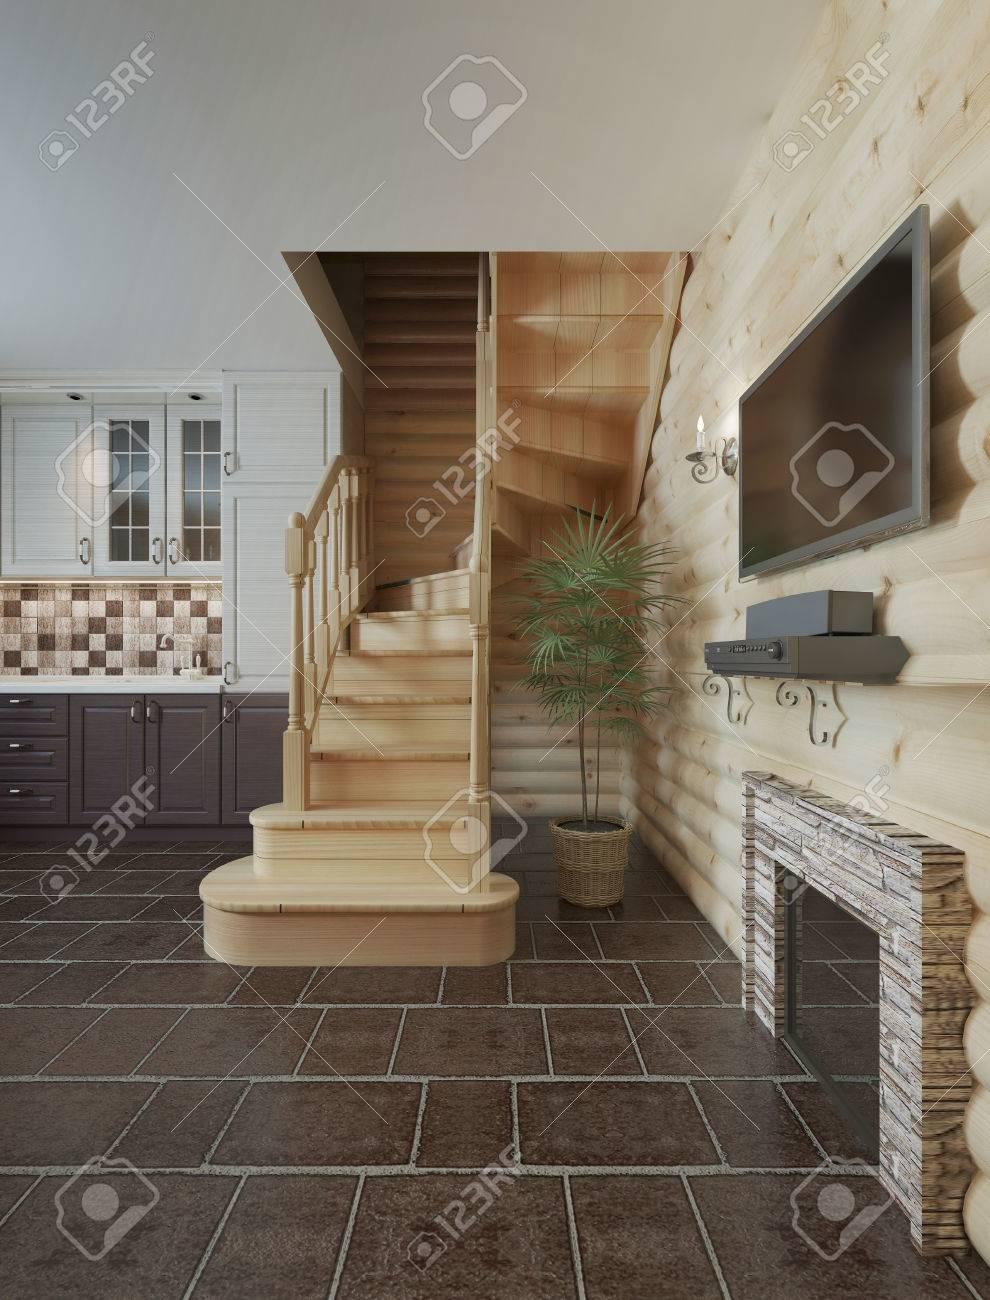 Escaleras De Madera Para Interiores. Rexal Rg. Fotos De Escaleras ...